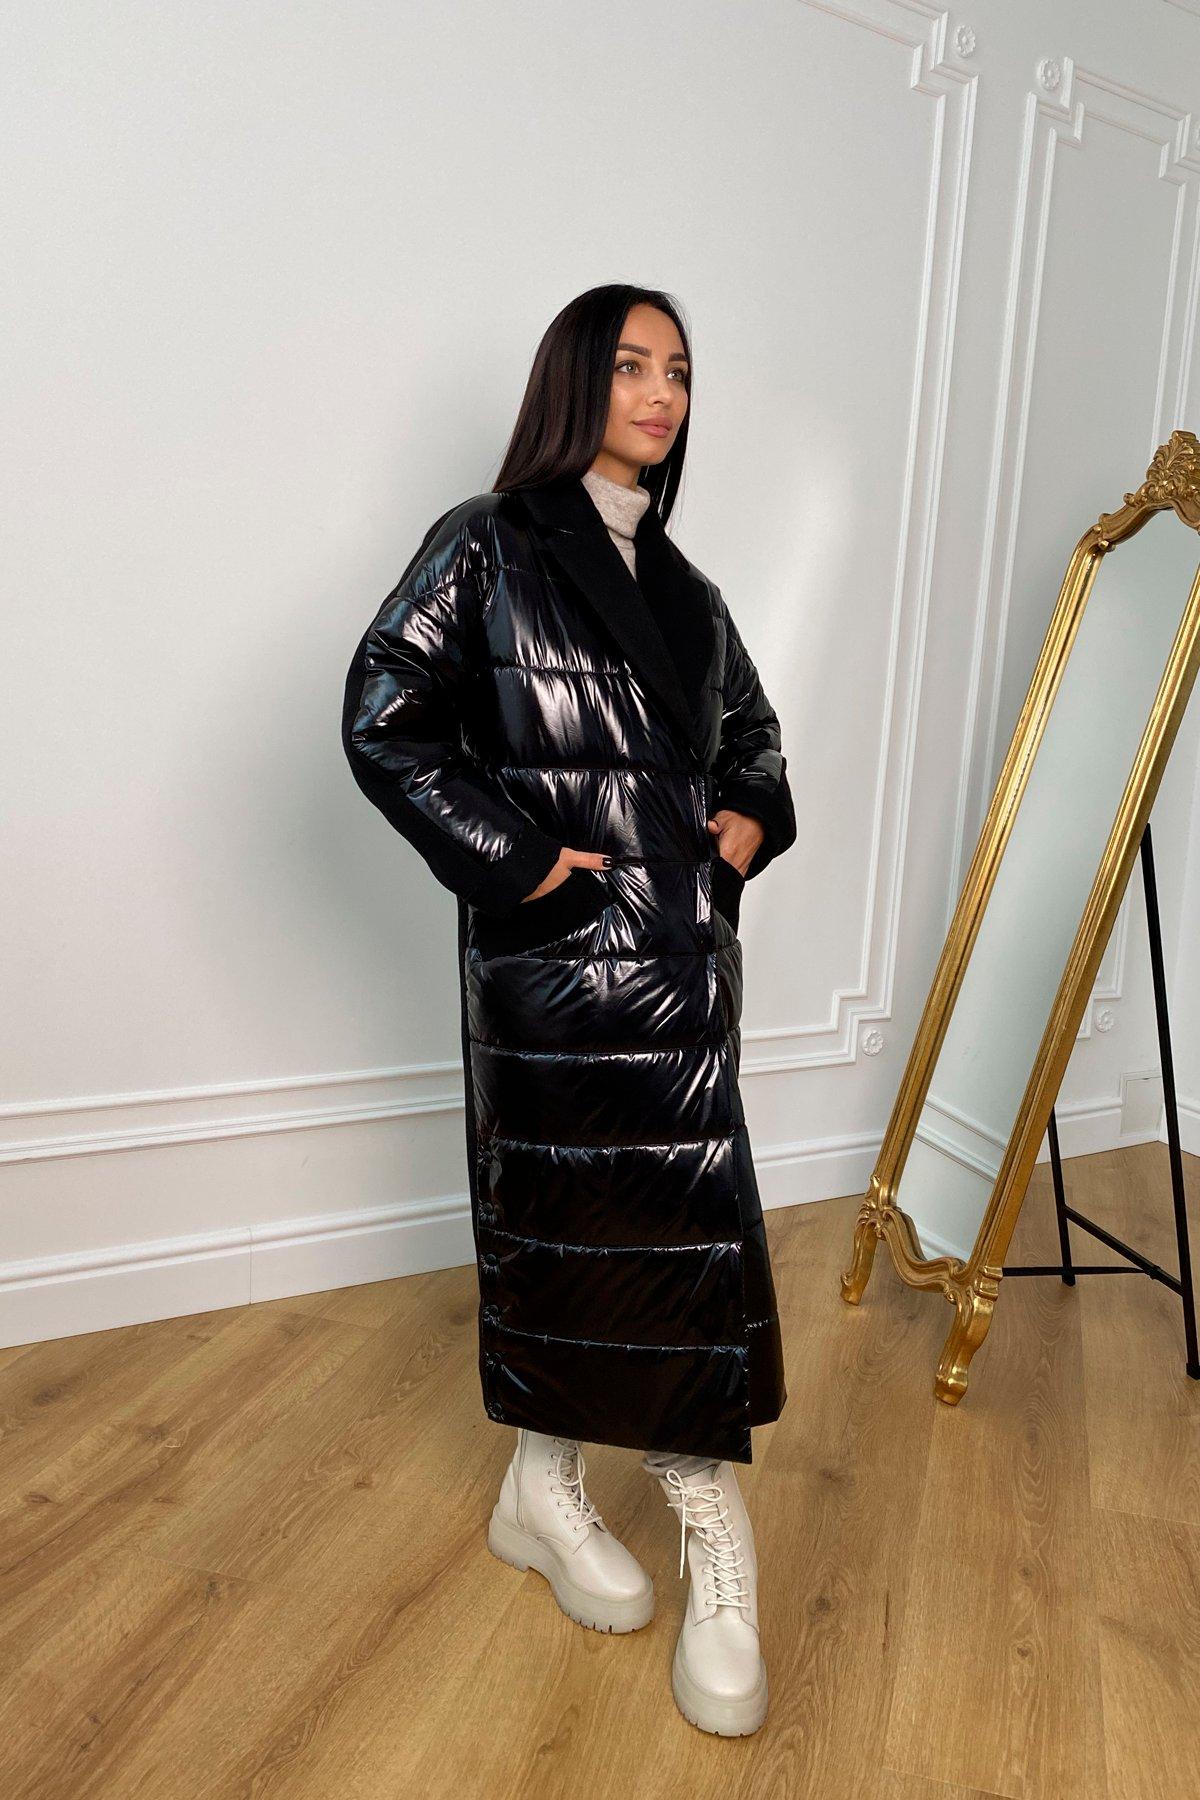 Санре утепленное пальто из комбинации плащевой и пальтовой ткани 9940 АРТ. 46234 Цвет: Черный - фото 2, интернет магазин tm-modus.ru